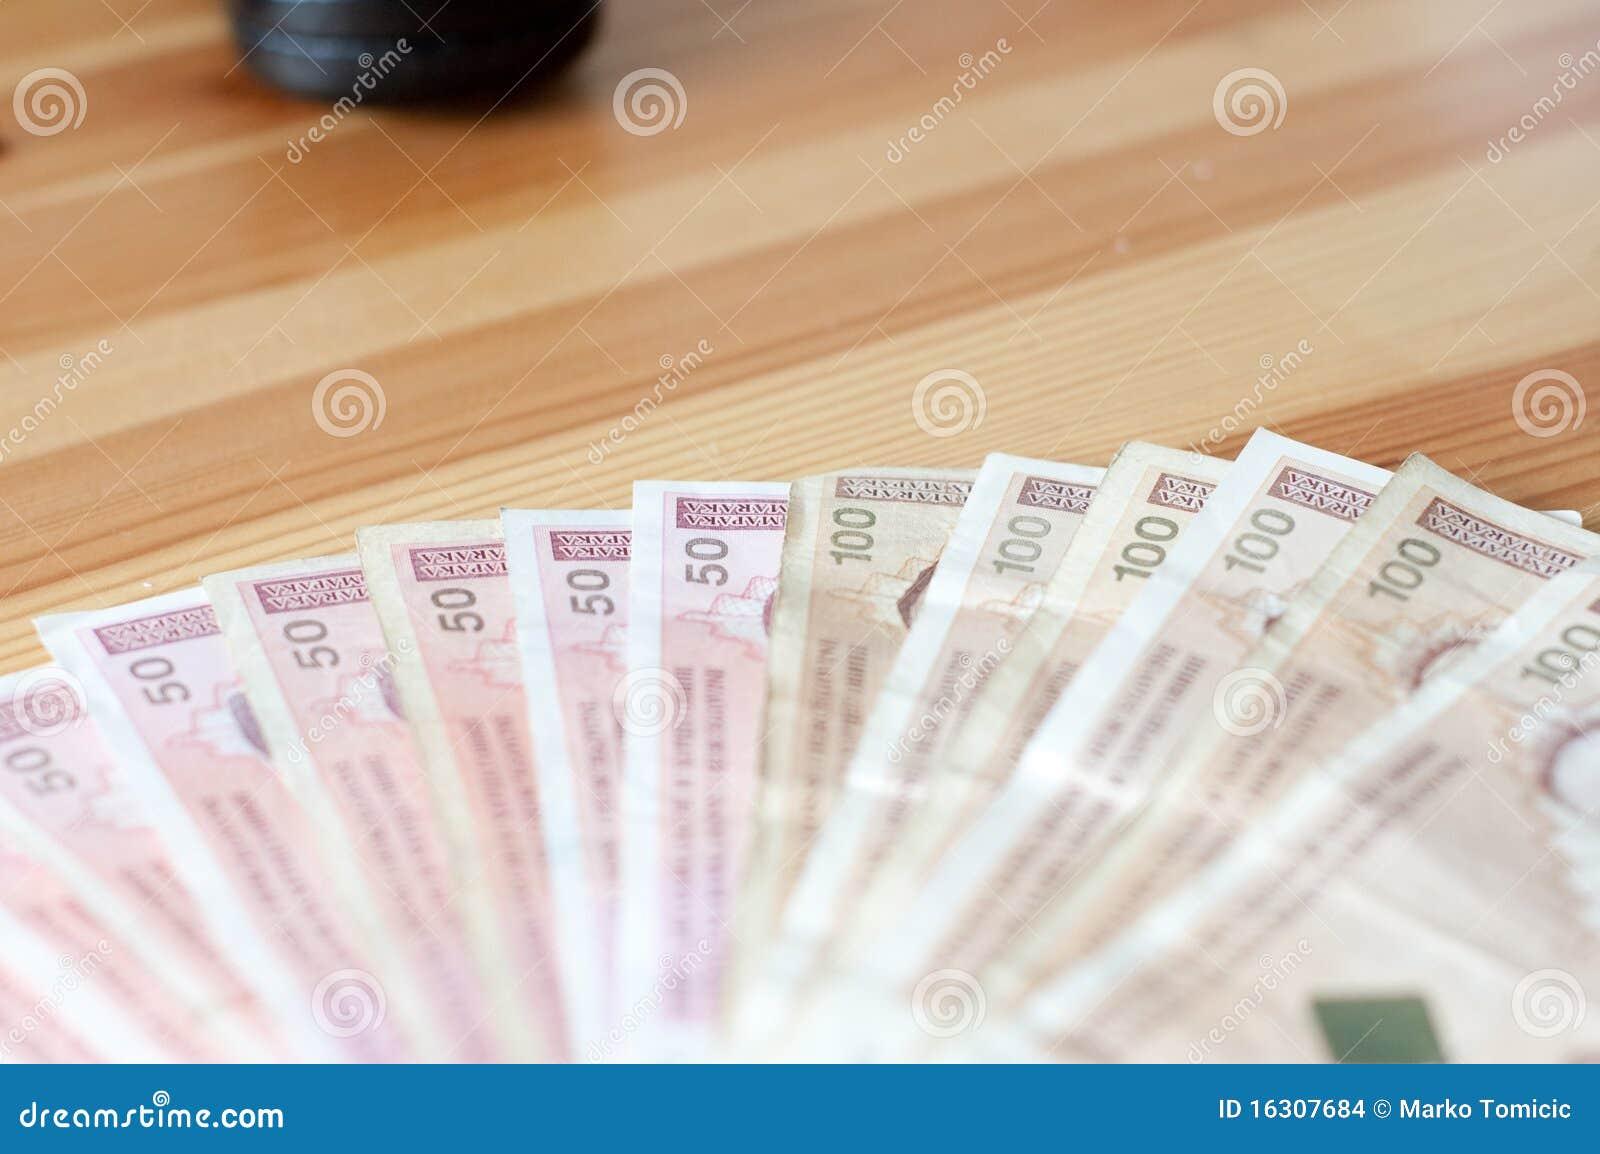 Bośniacki pieniądze